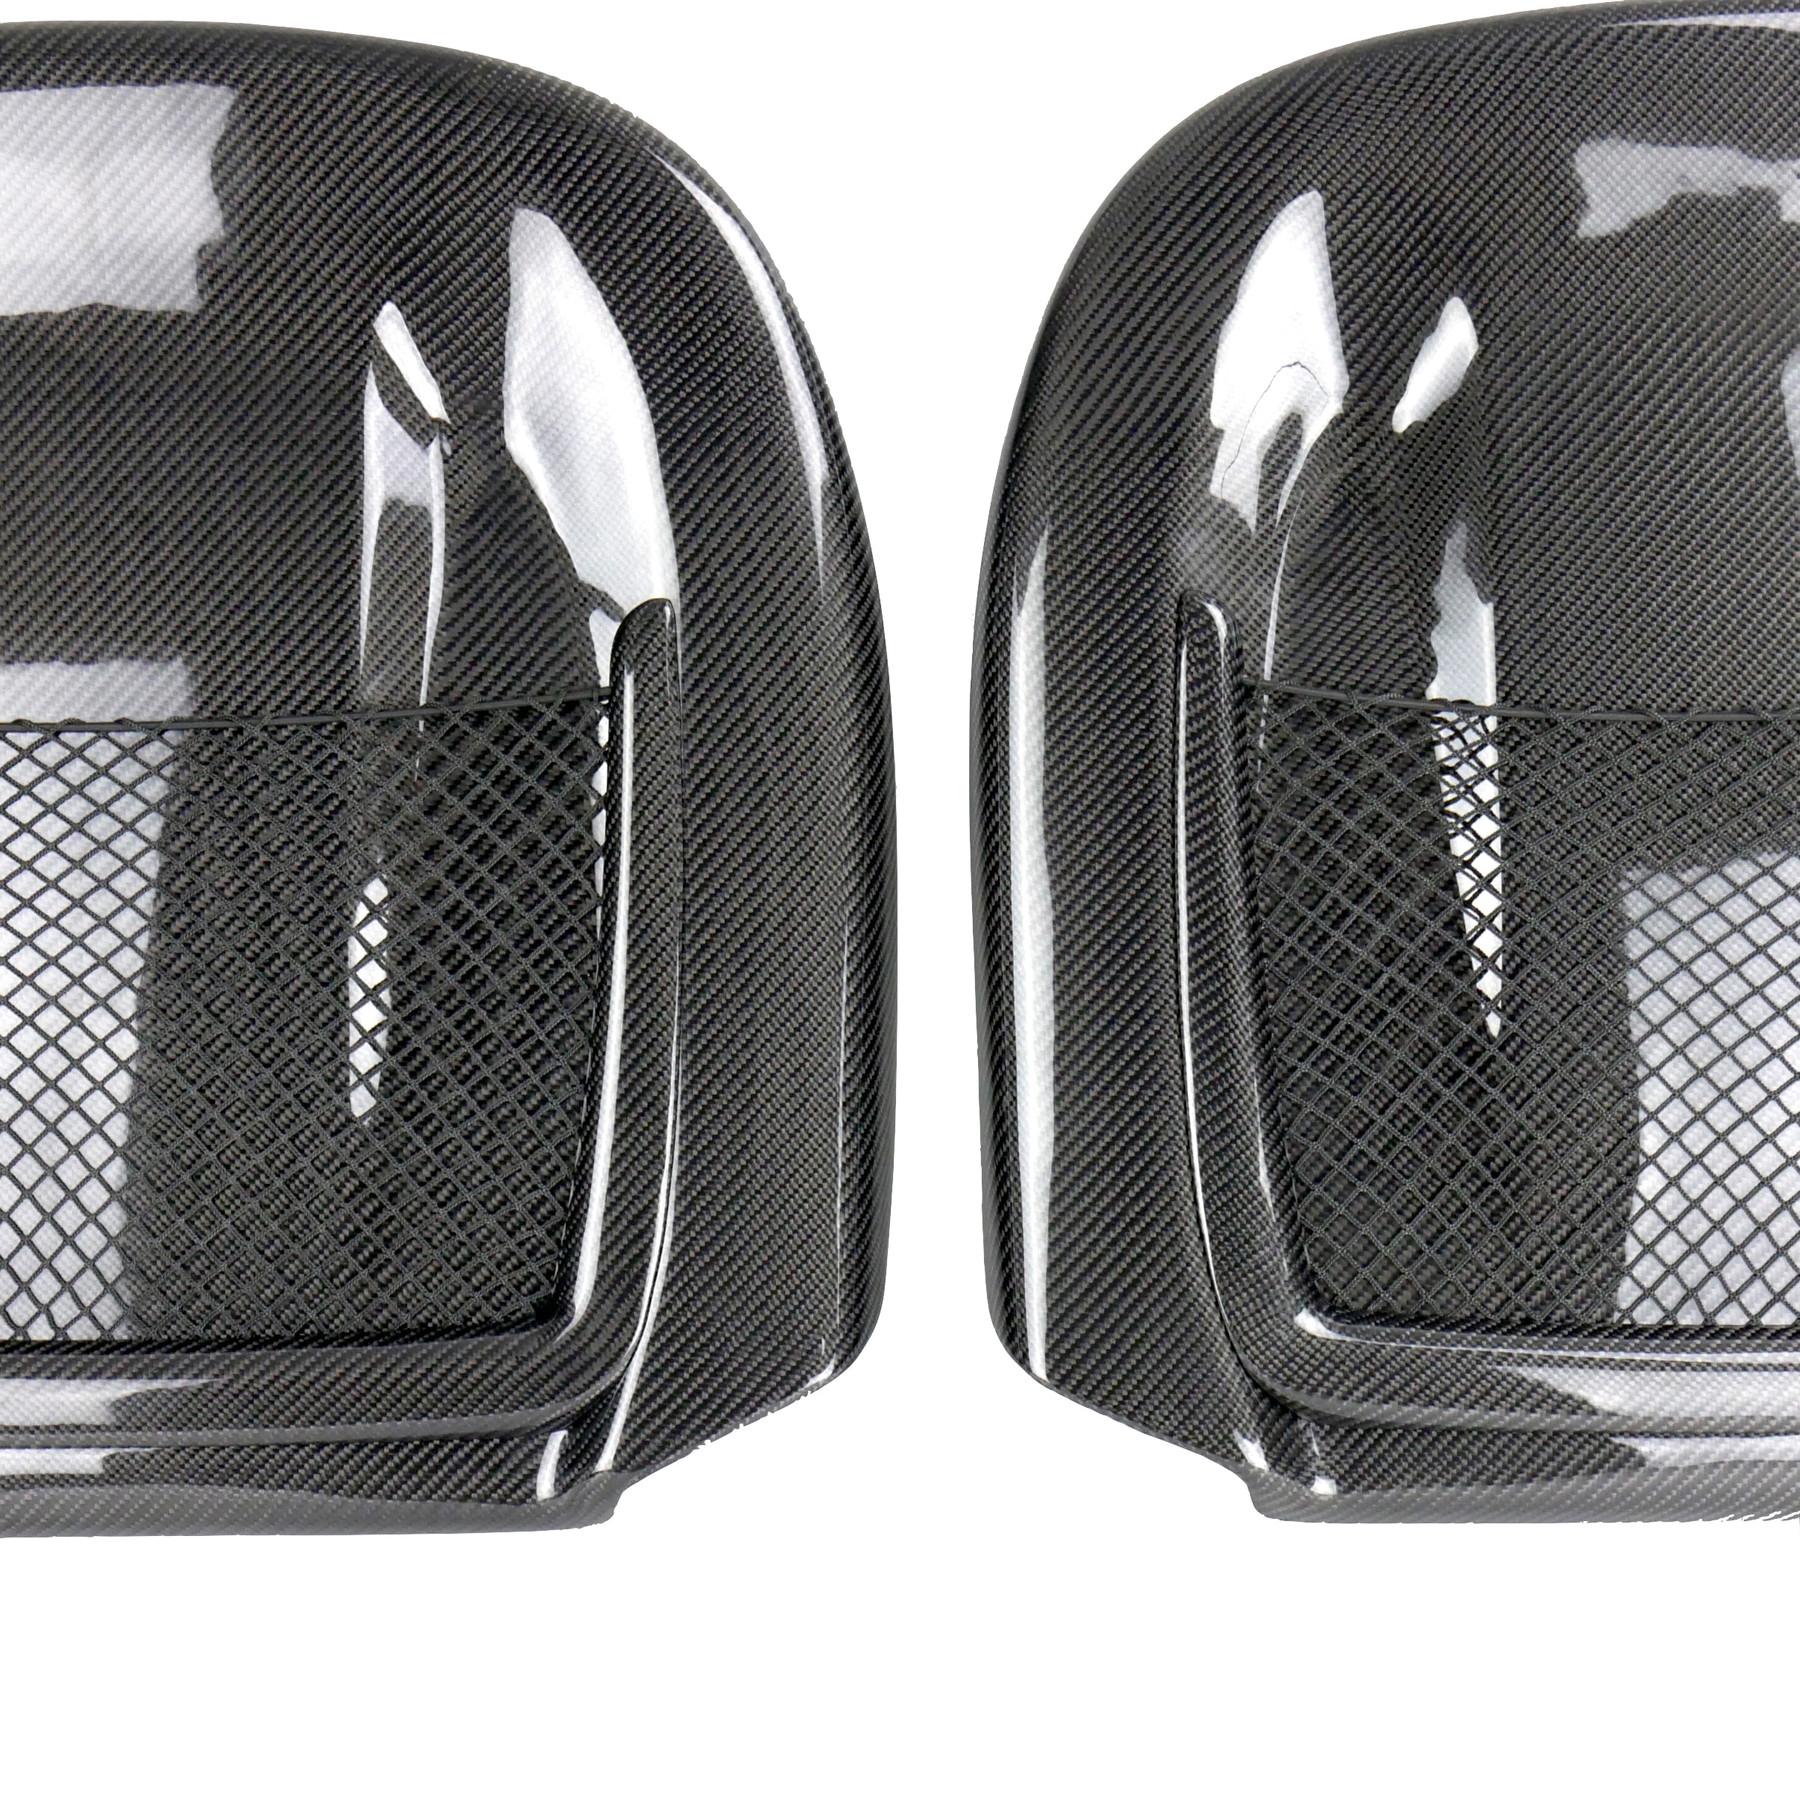 2 x Auto Vordersitz Abdeckung Schutz für Audi A4 S Line